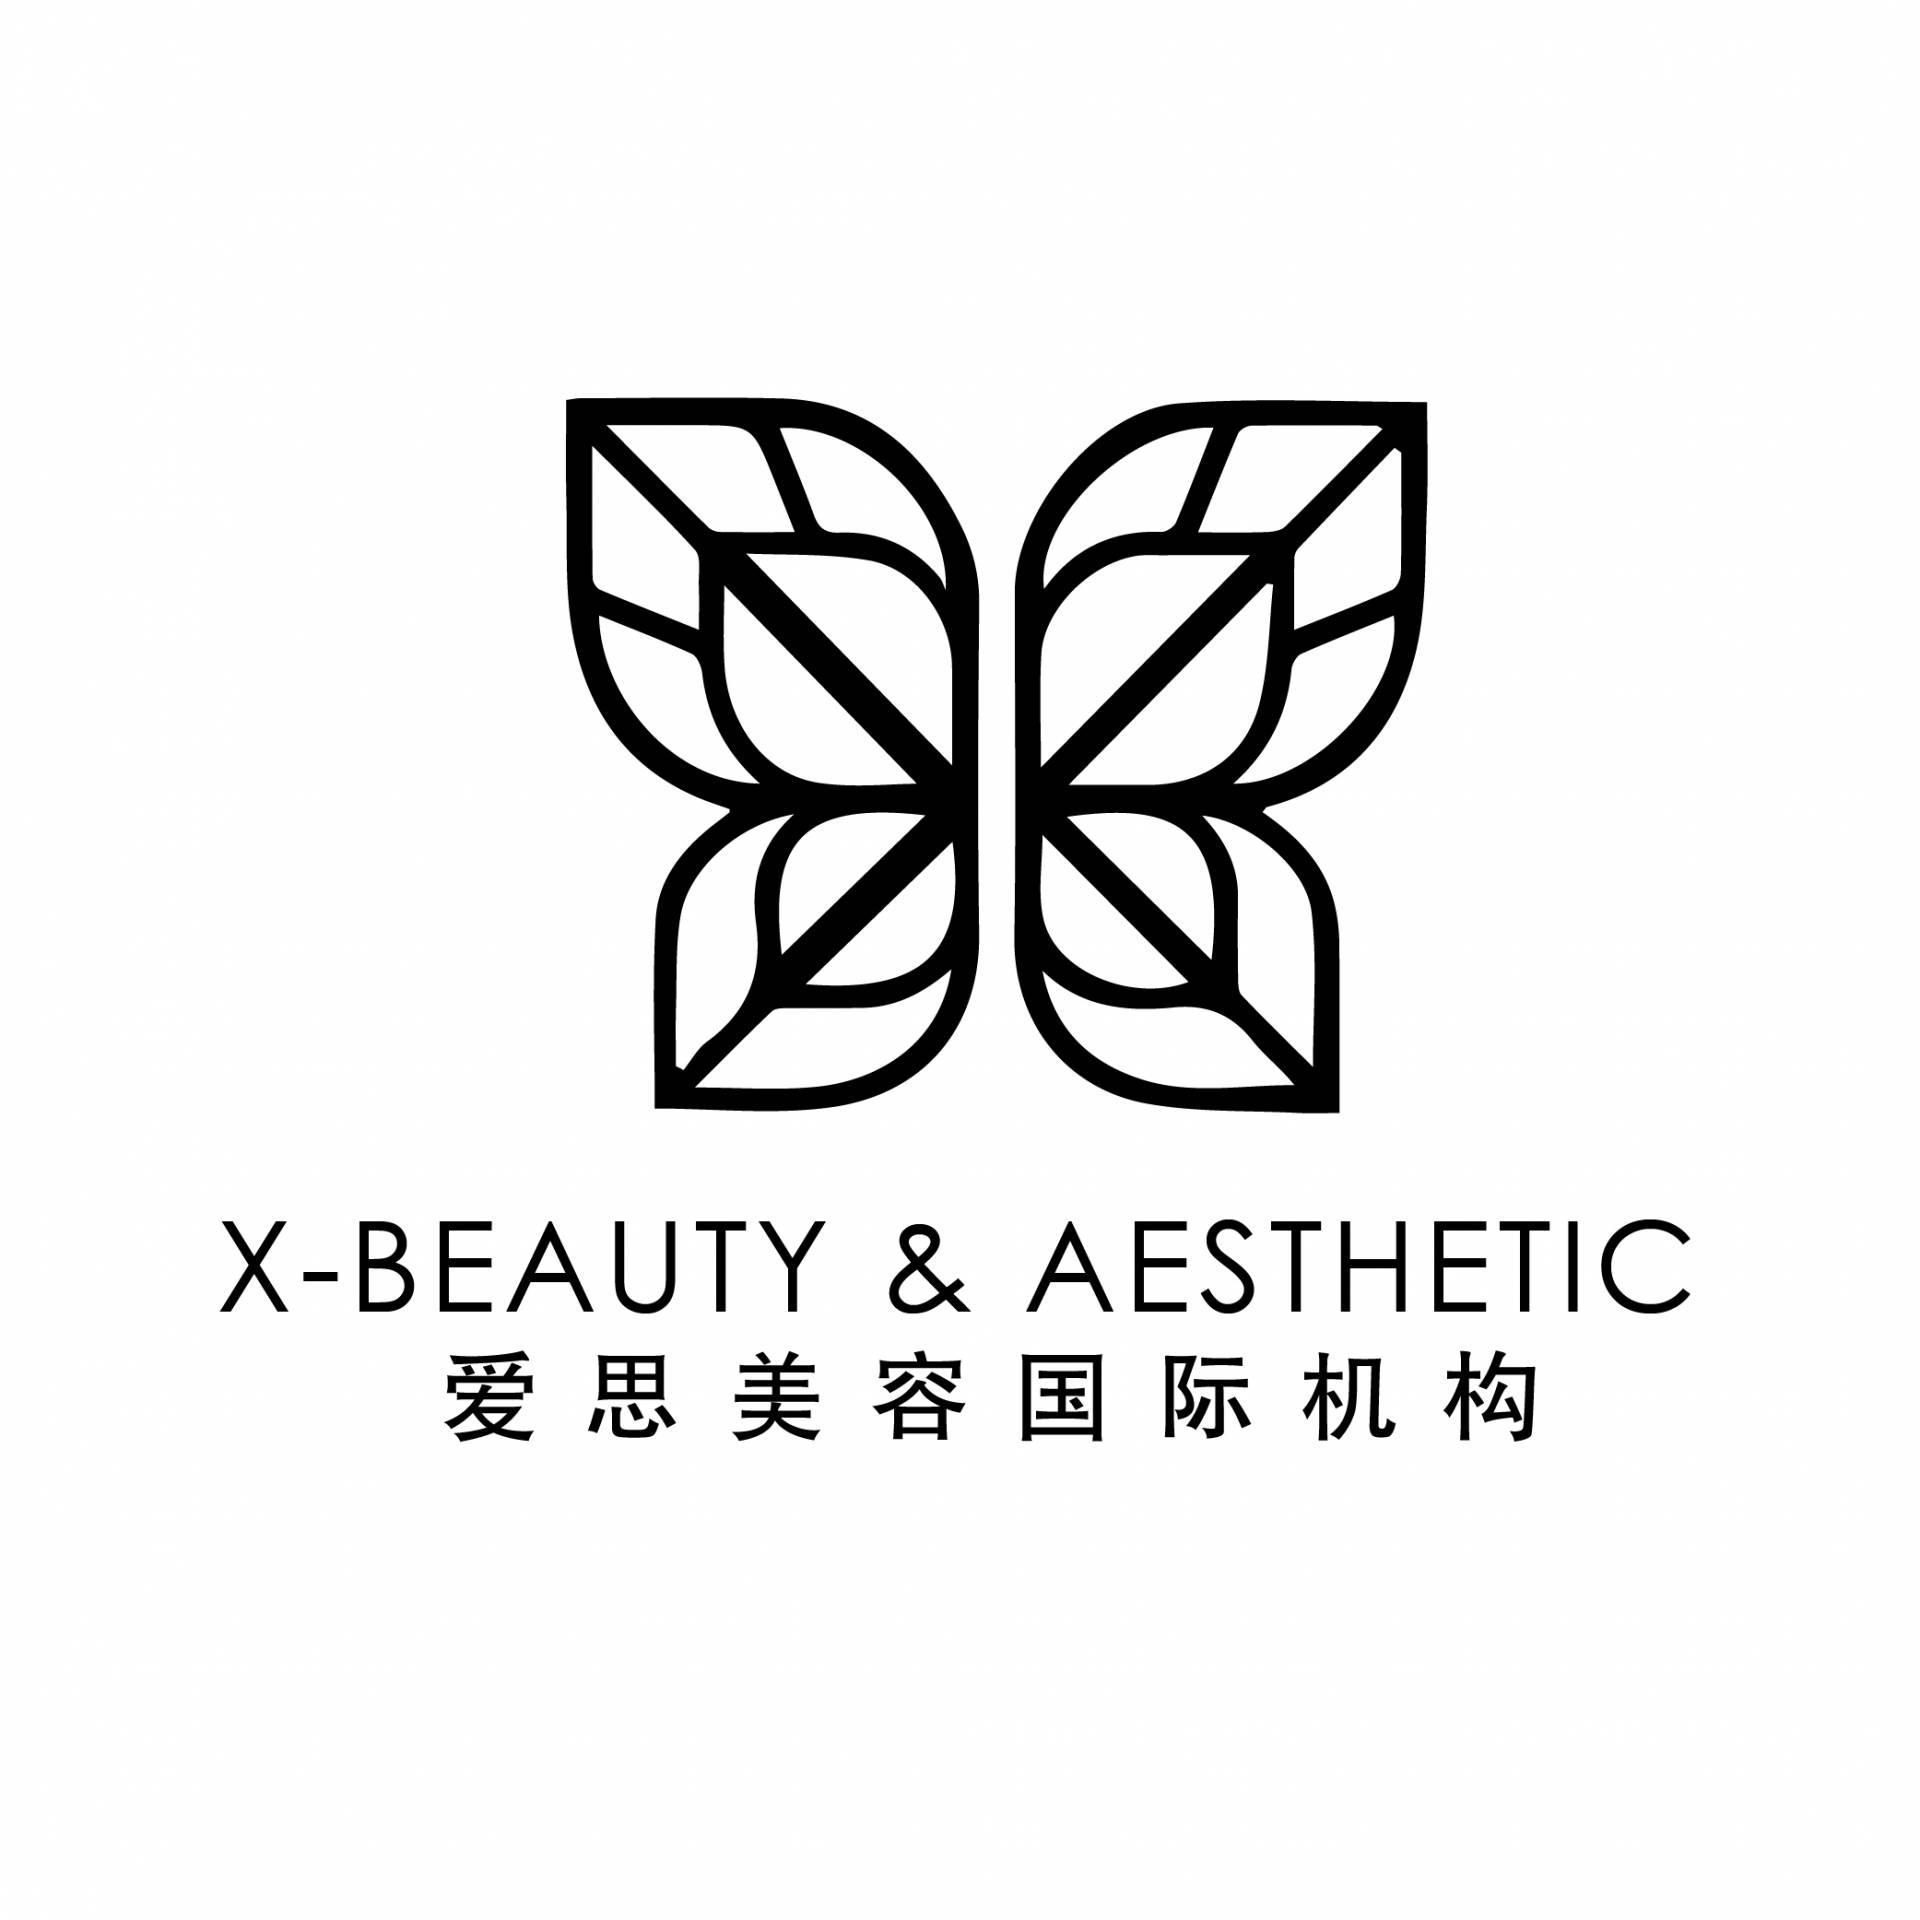 X-Beauty & Aesthetic